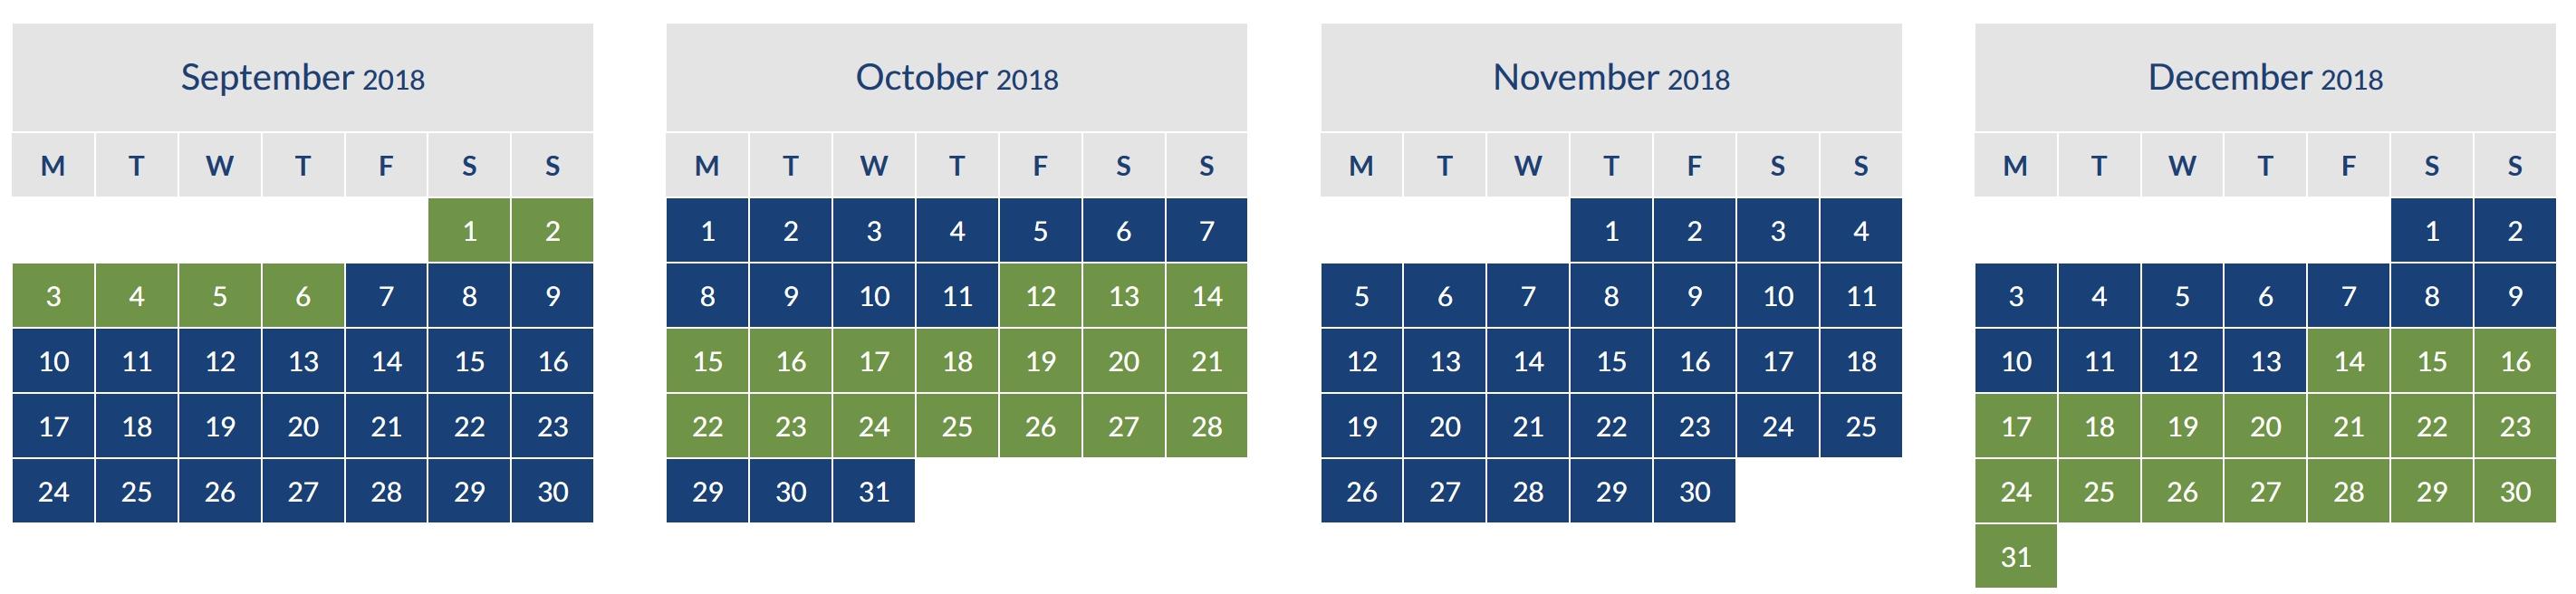 BA September to December 2018